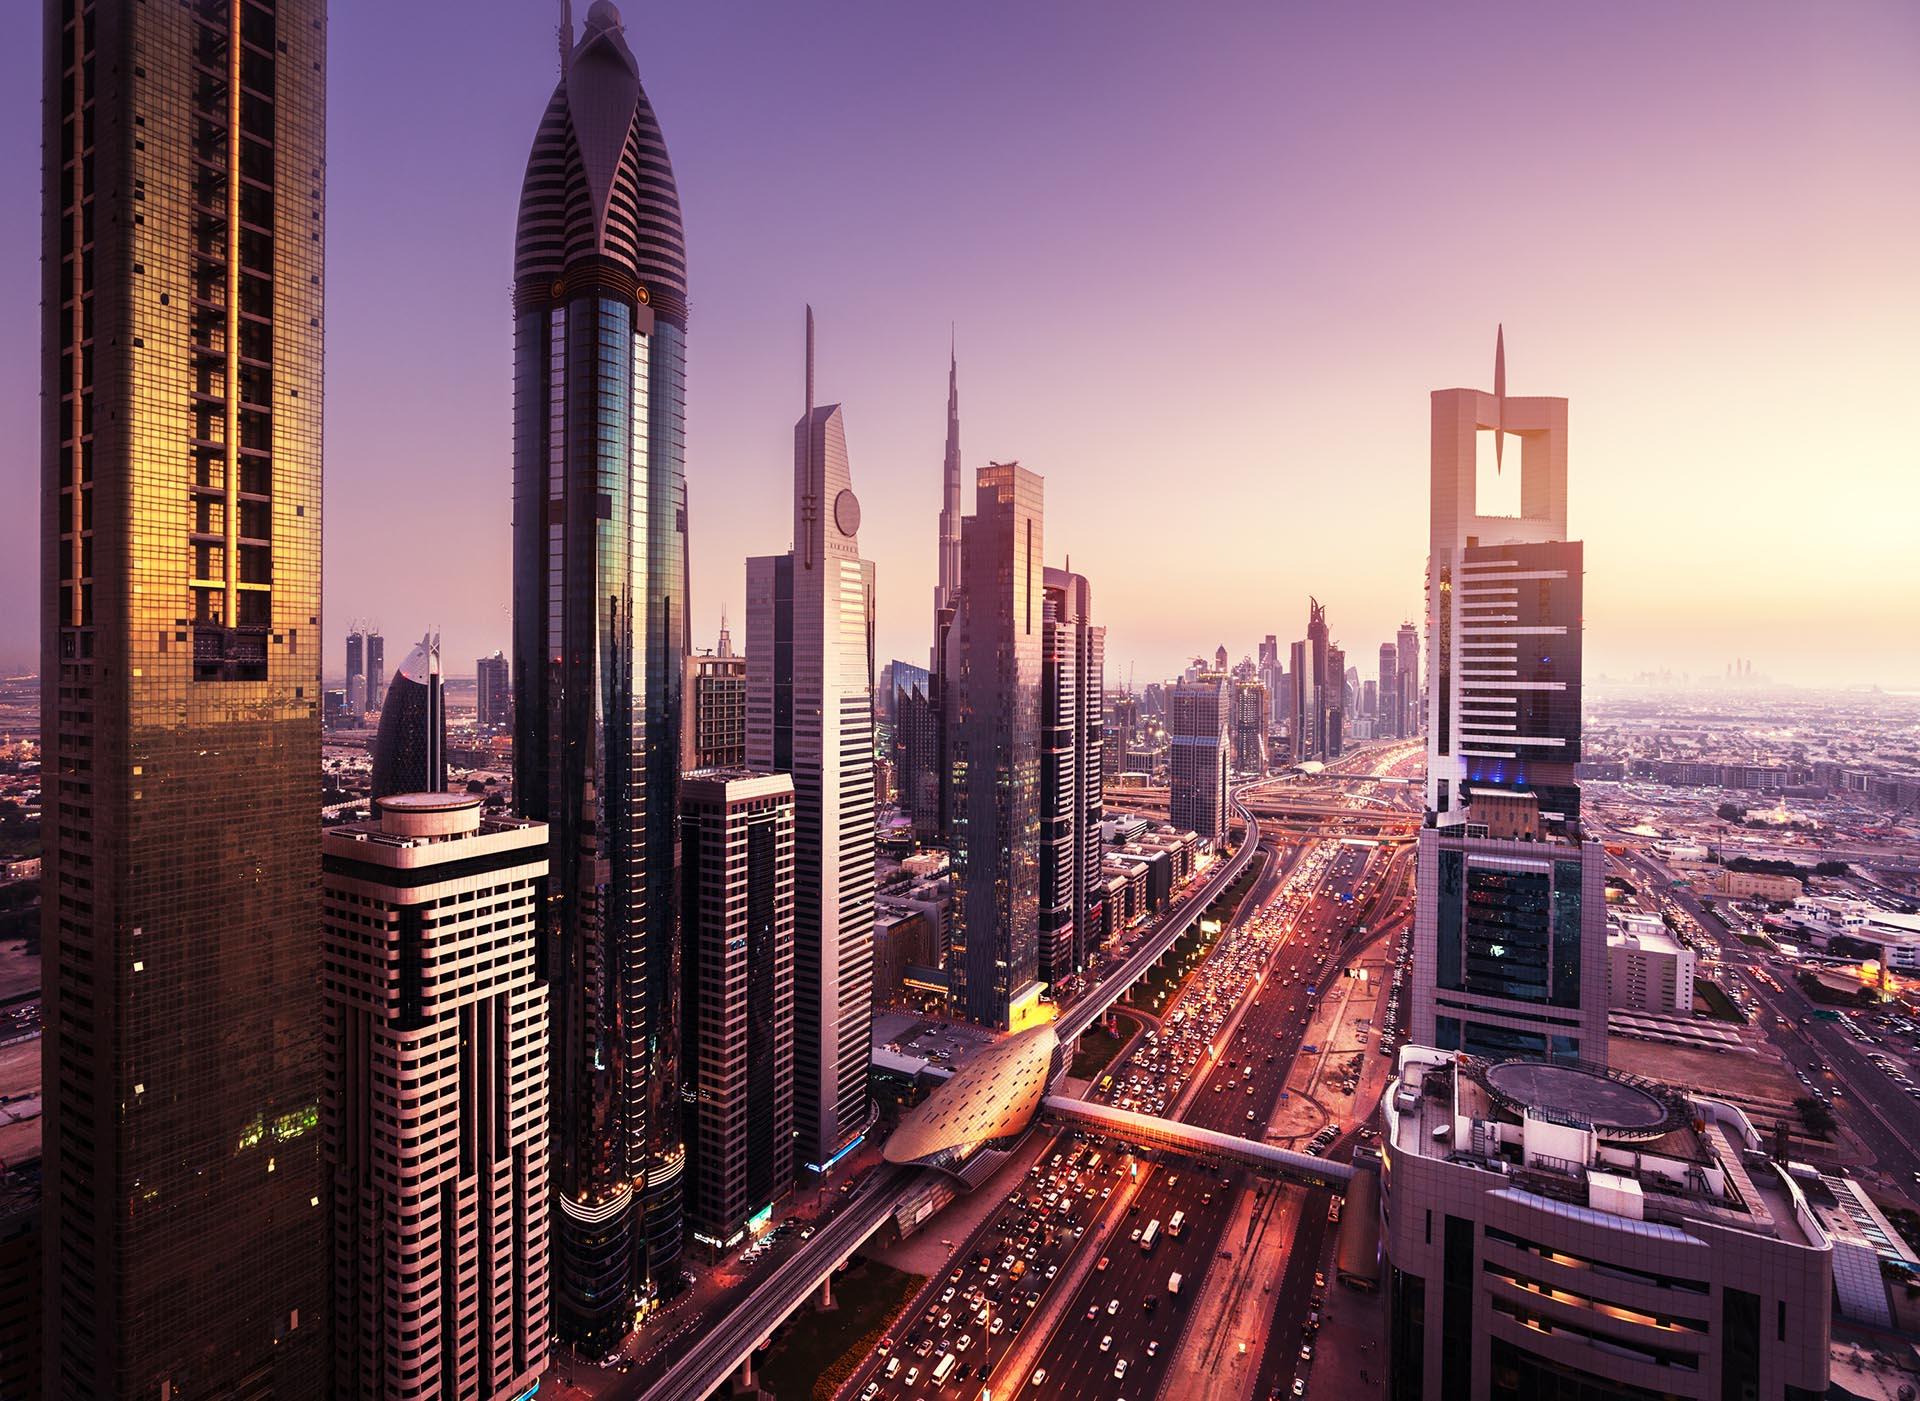 Przedsiębiorcy mogą składać wnioski na dofinansowanie swoich działań promocyjnych realizowanych podczas Expo 2020 w Dubaju